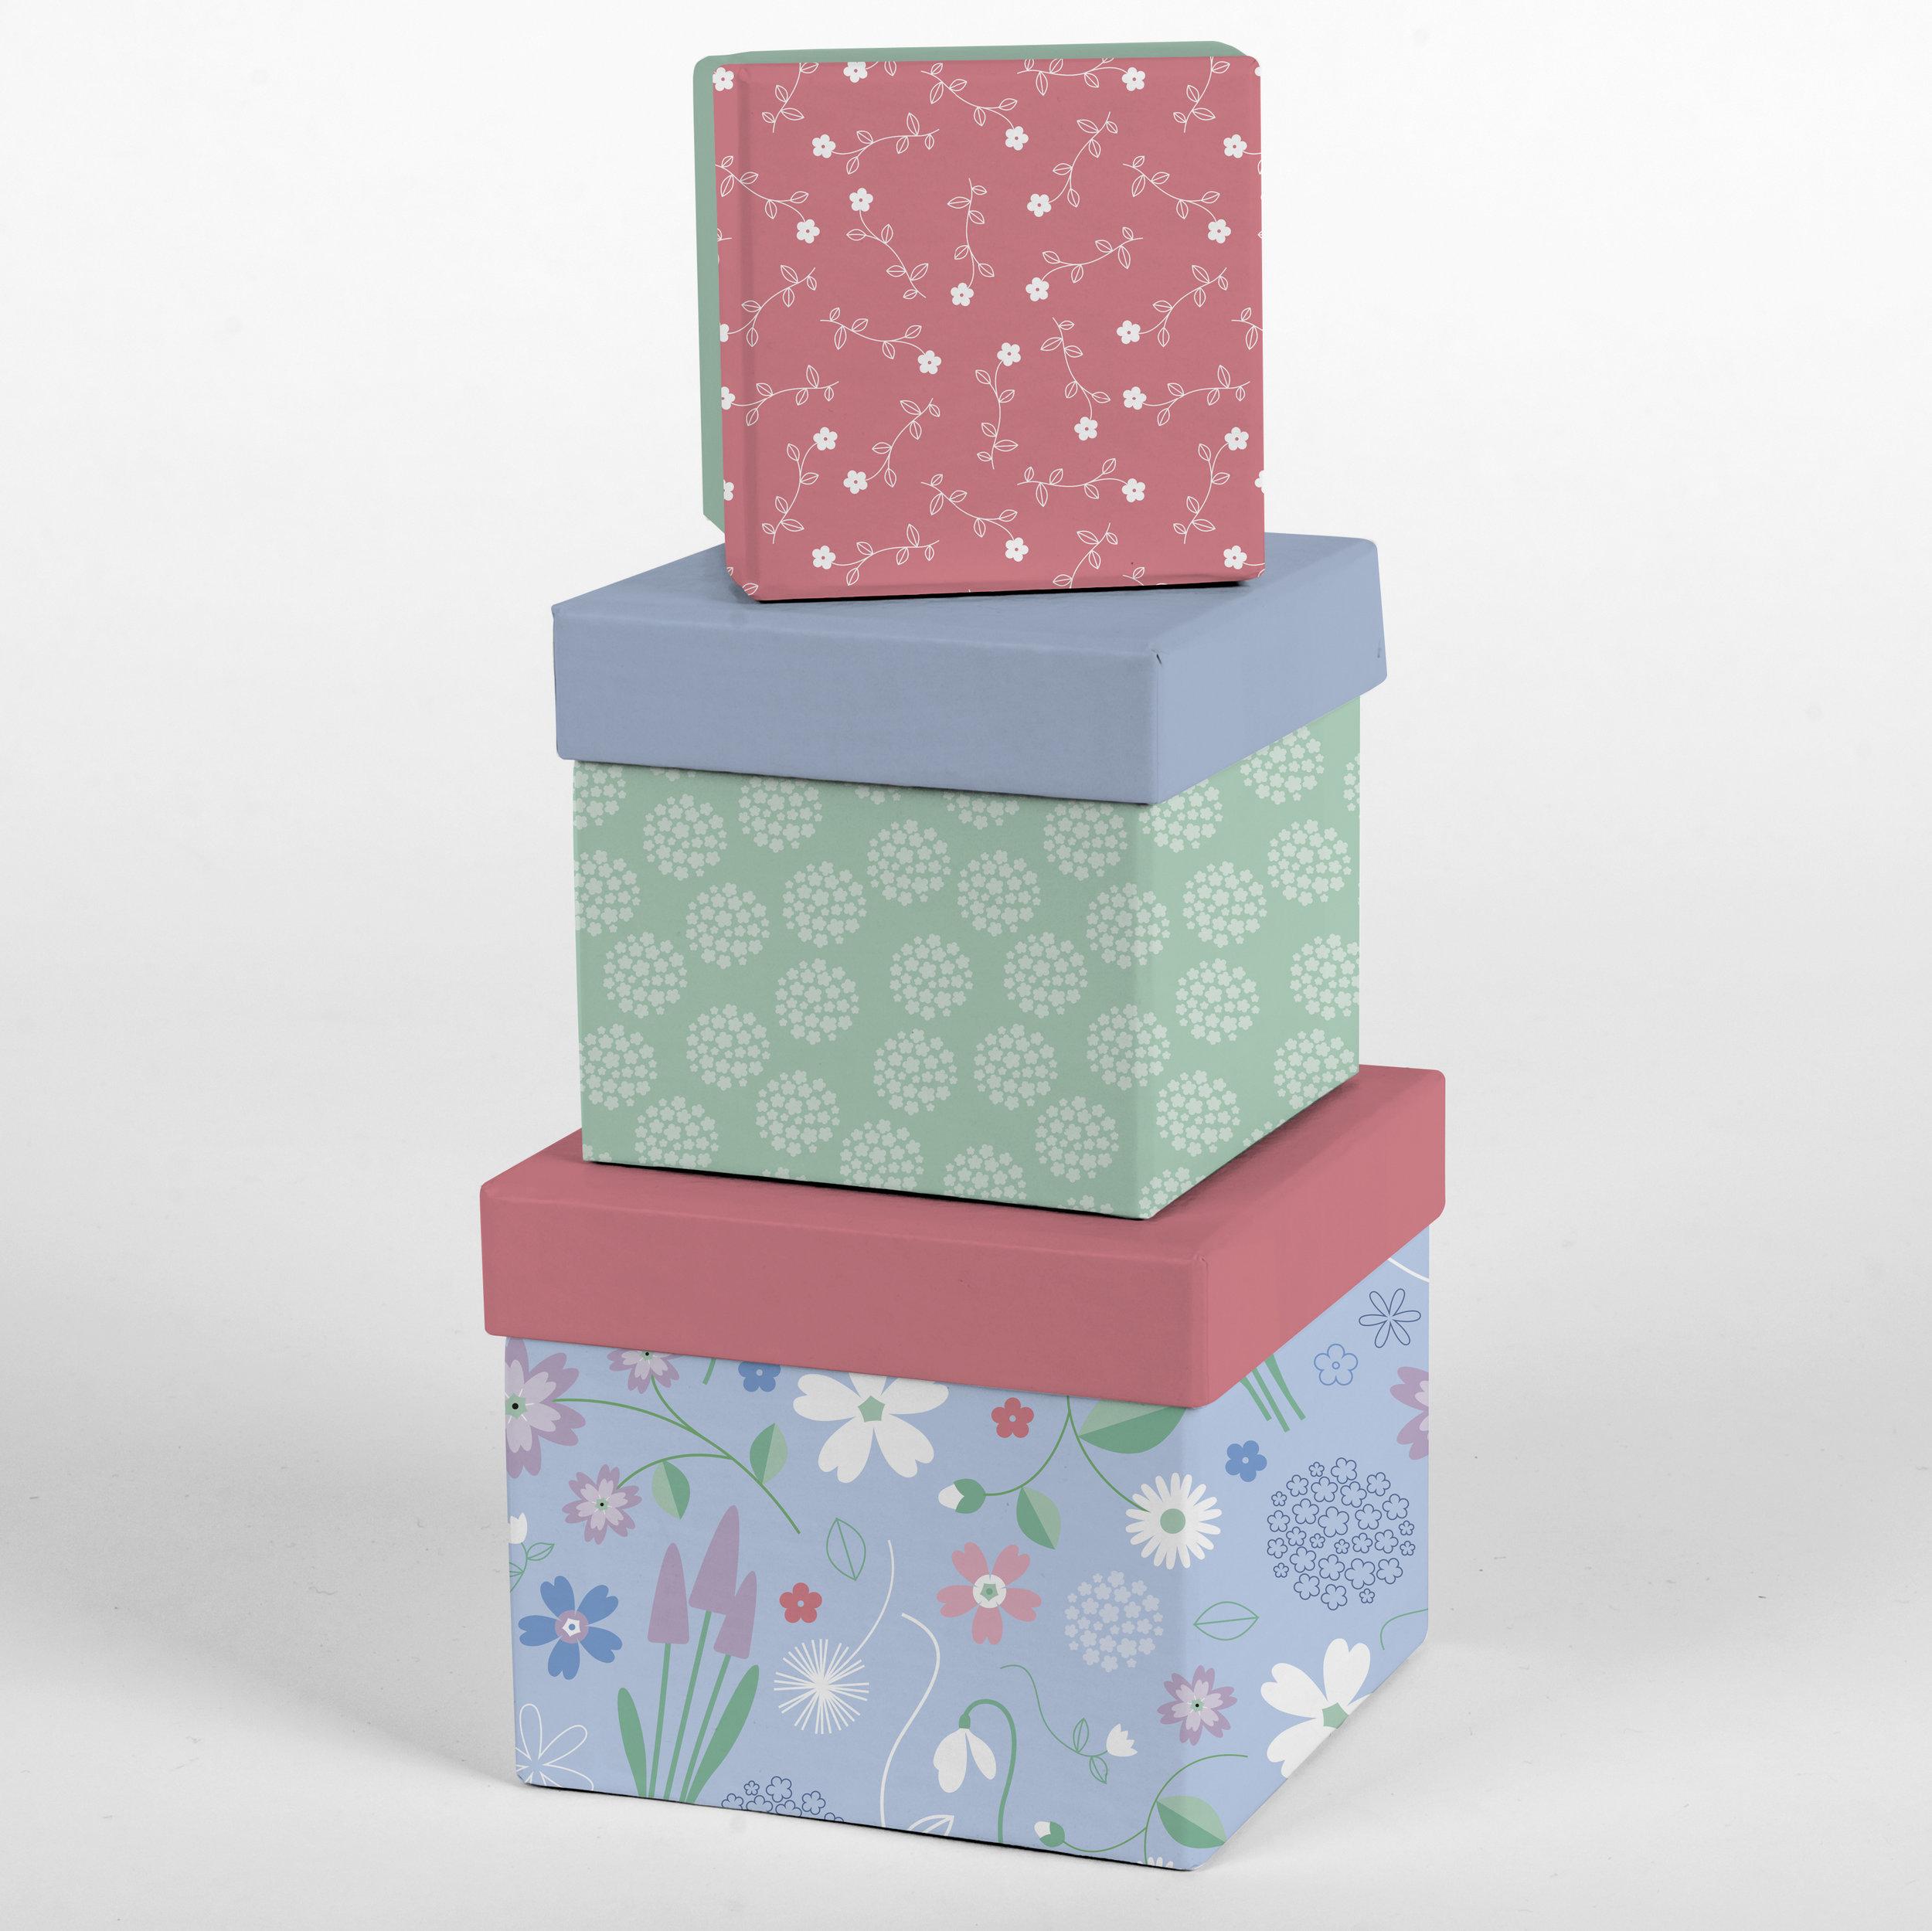 stacking_boxes.jpg